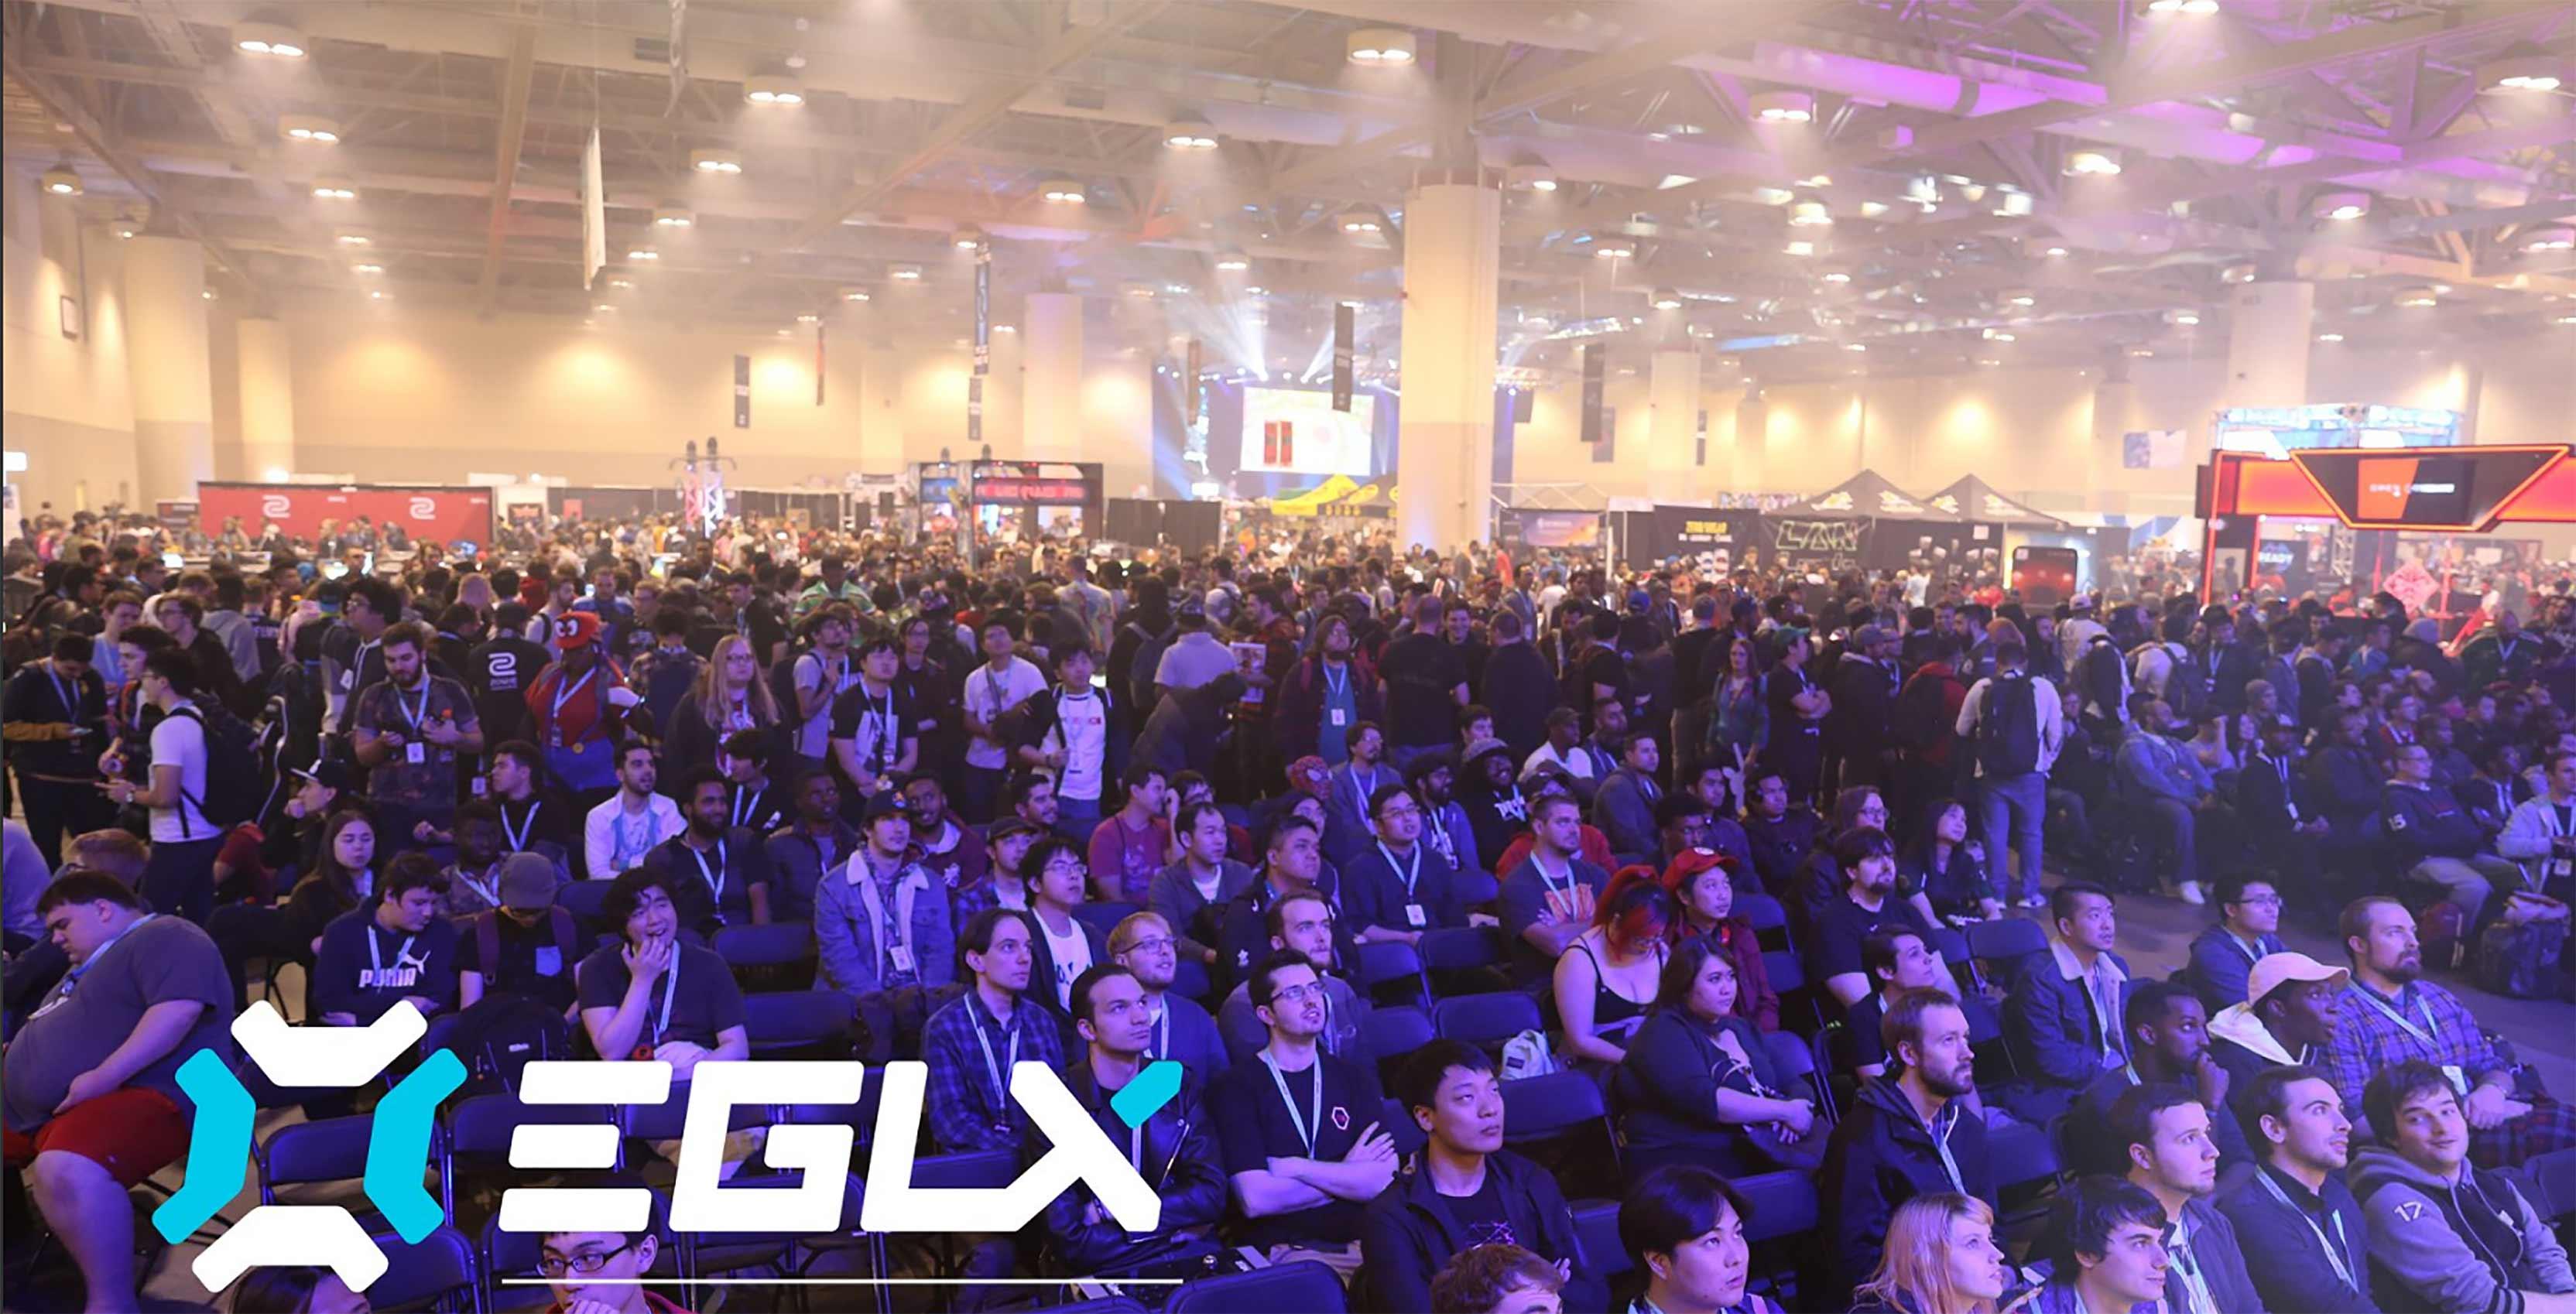 EGLX header